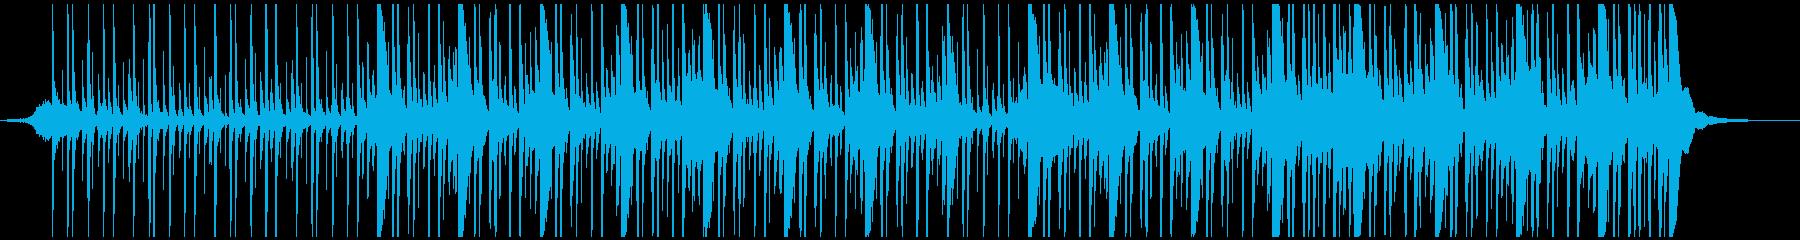 カントリー 野生 パーカッションの再生済みの波形